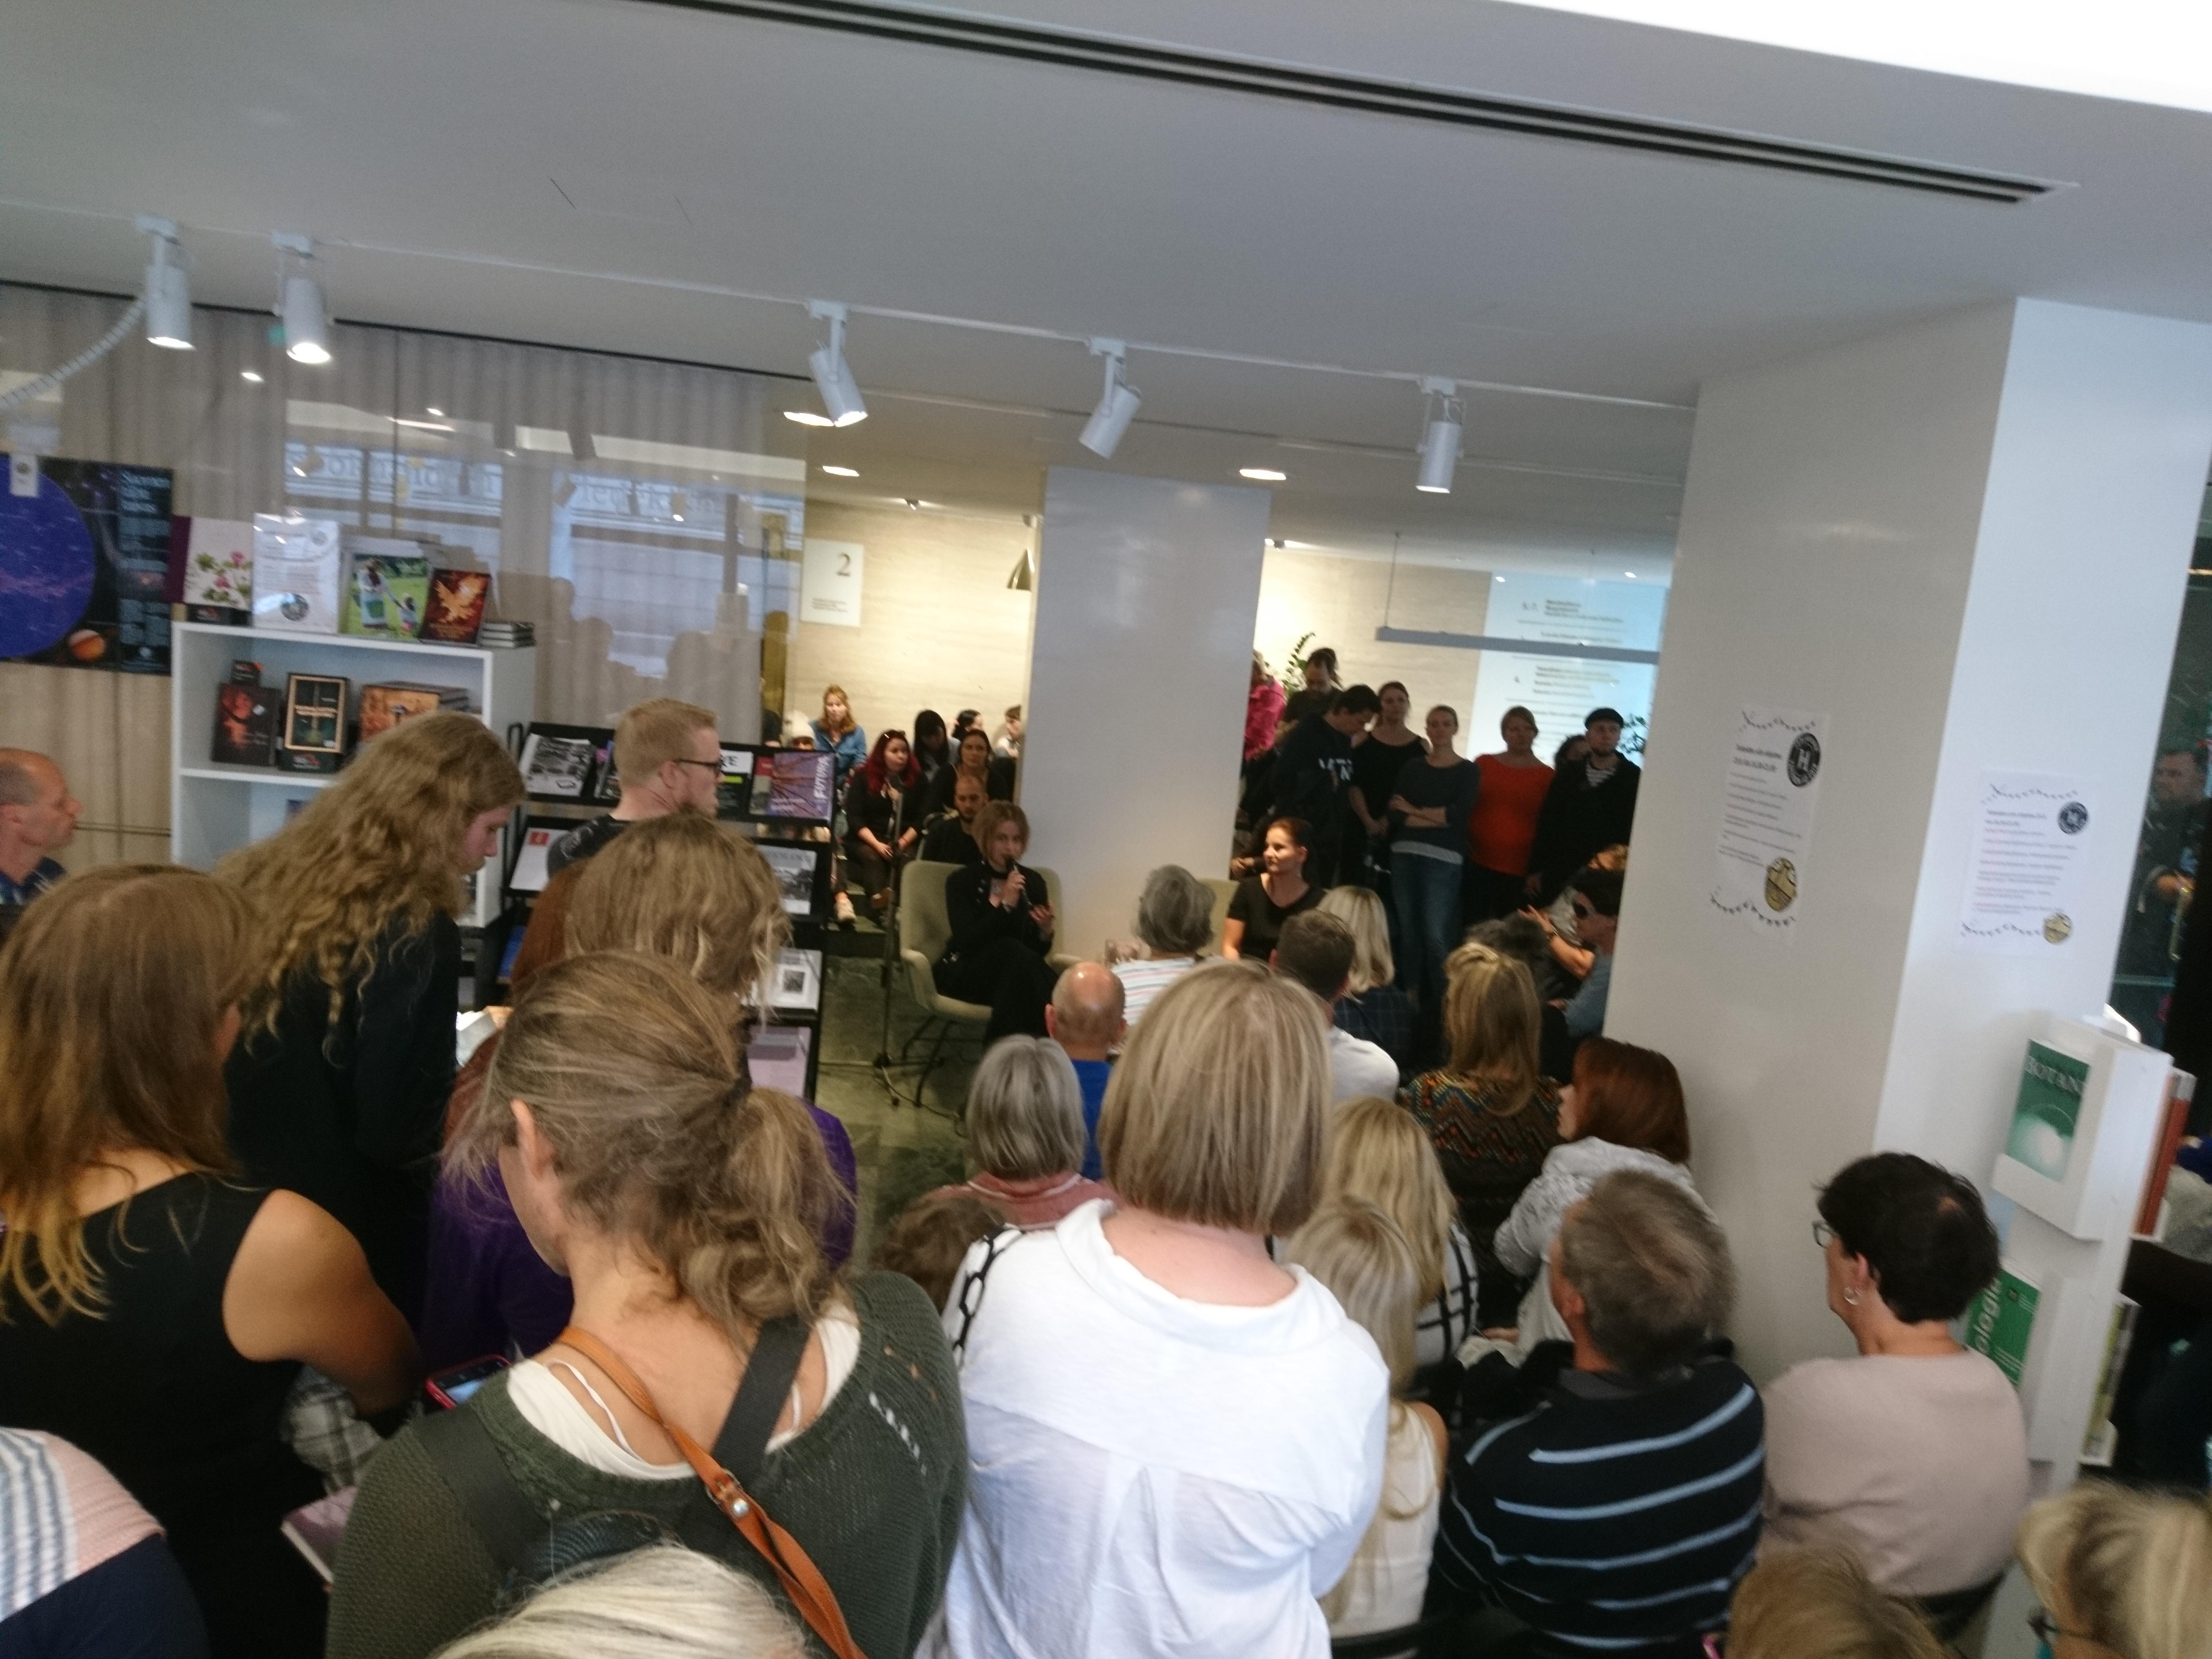 Yleisöä pakkautunut Tiedekirjan tiloihin kuuntelemaan esitystä.